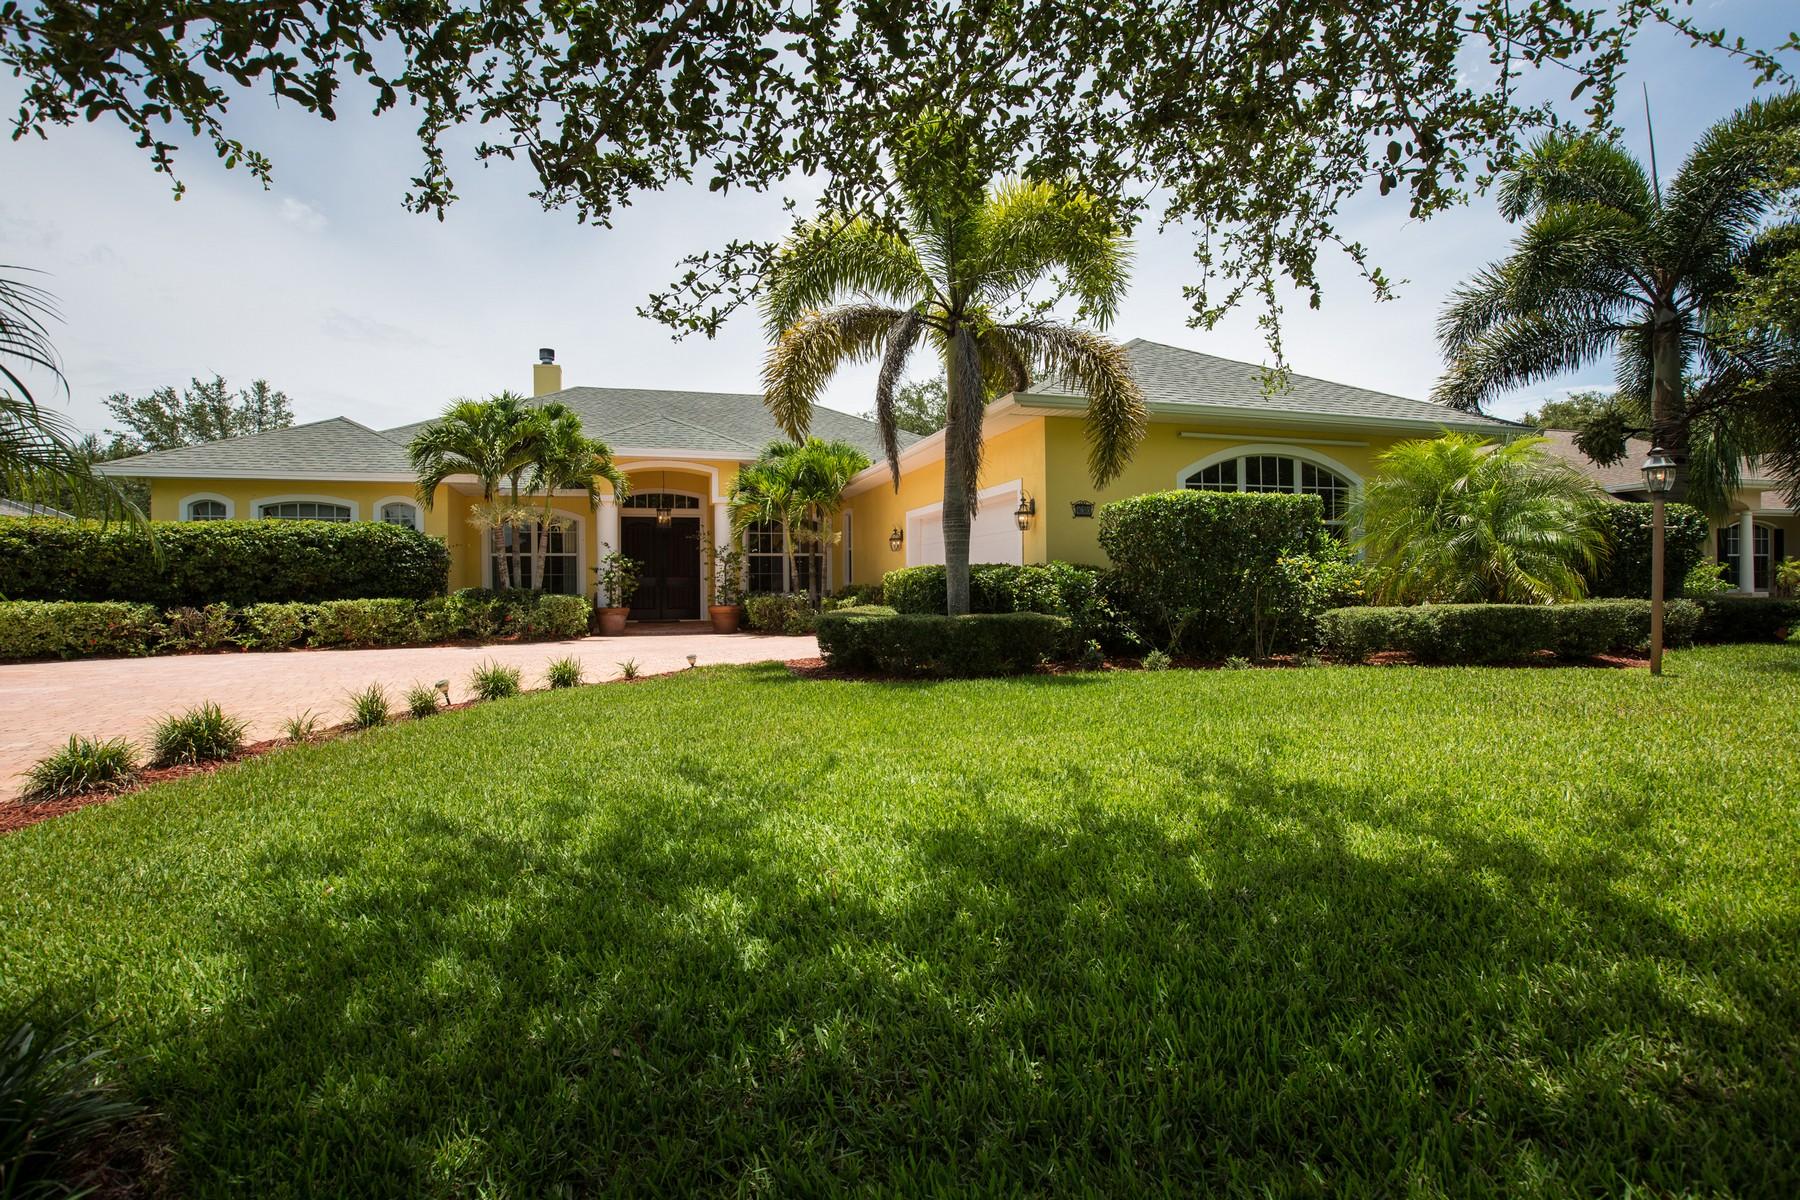 Casa Unifamiliar por un Venta en Elegant Lakefront Home in The Crossings 430 34th Avenue Vero Beach, Florida 32968 Estados Unidos